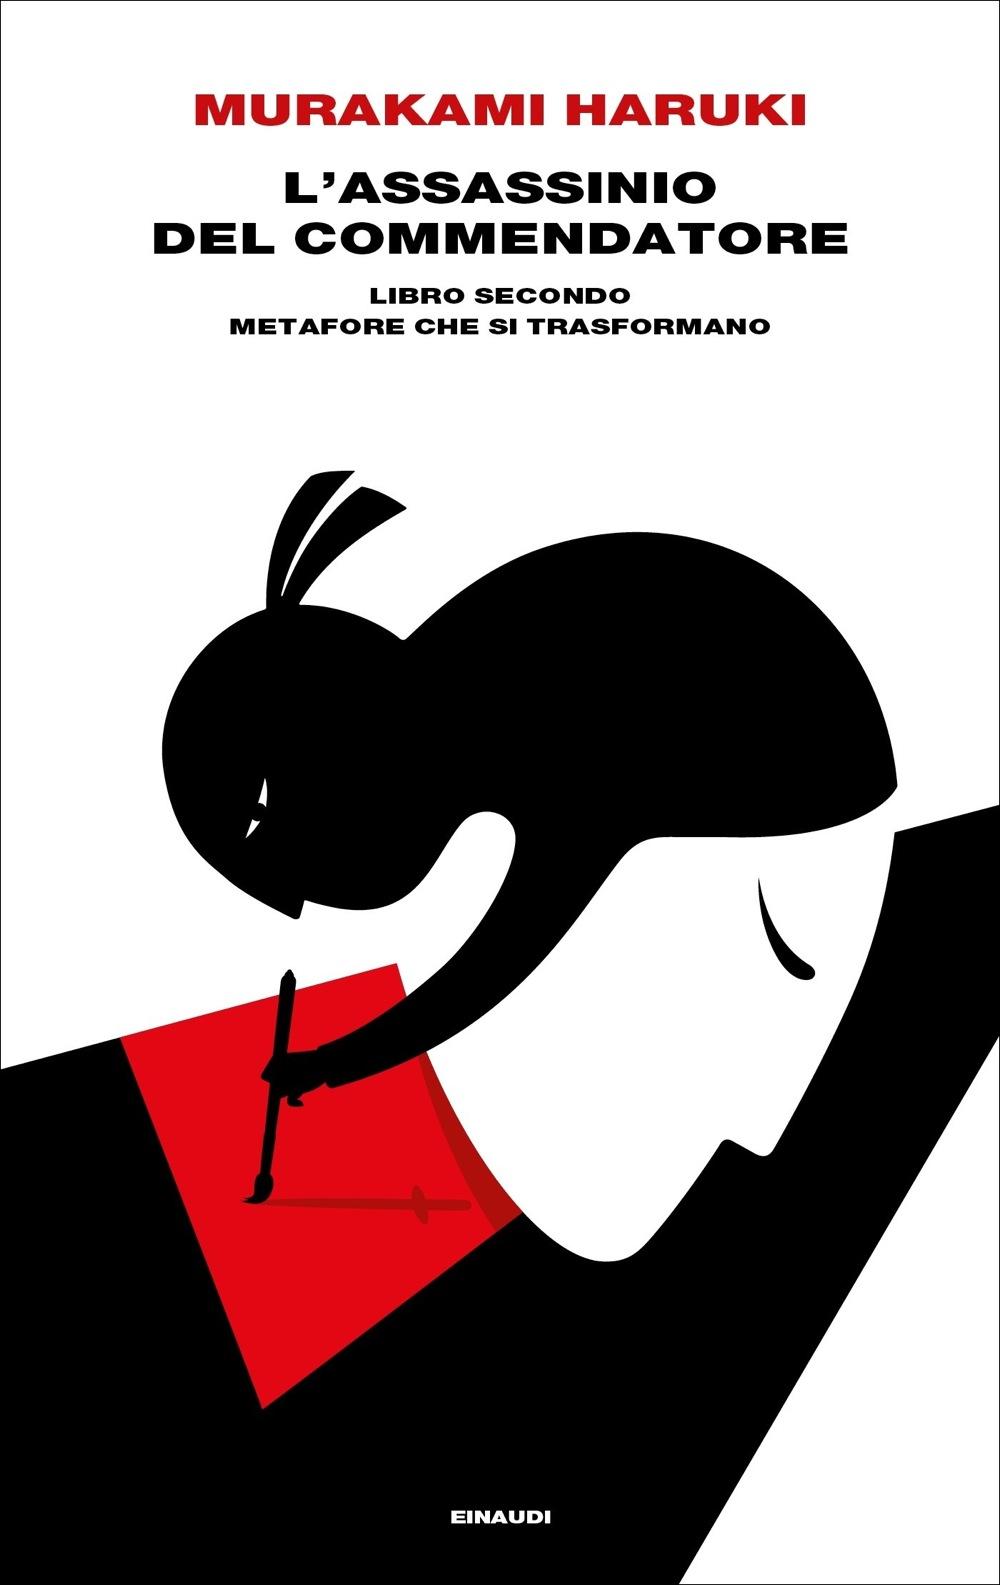 L'assassinio del Commendatore. Libro secondo. Metafore che si trasformano